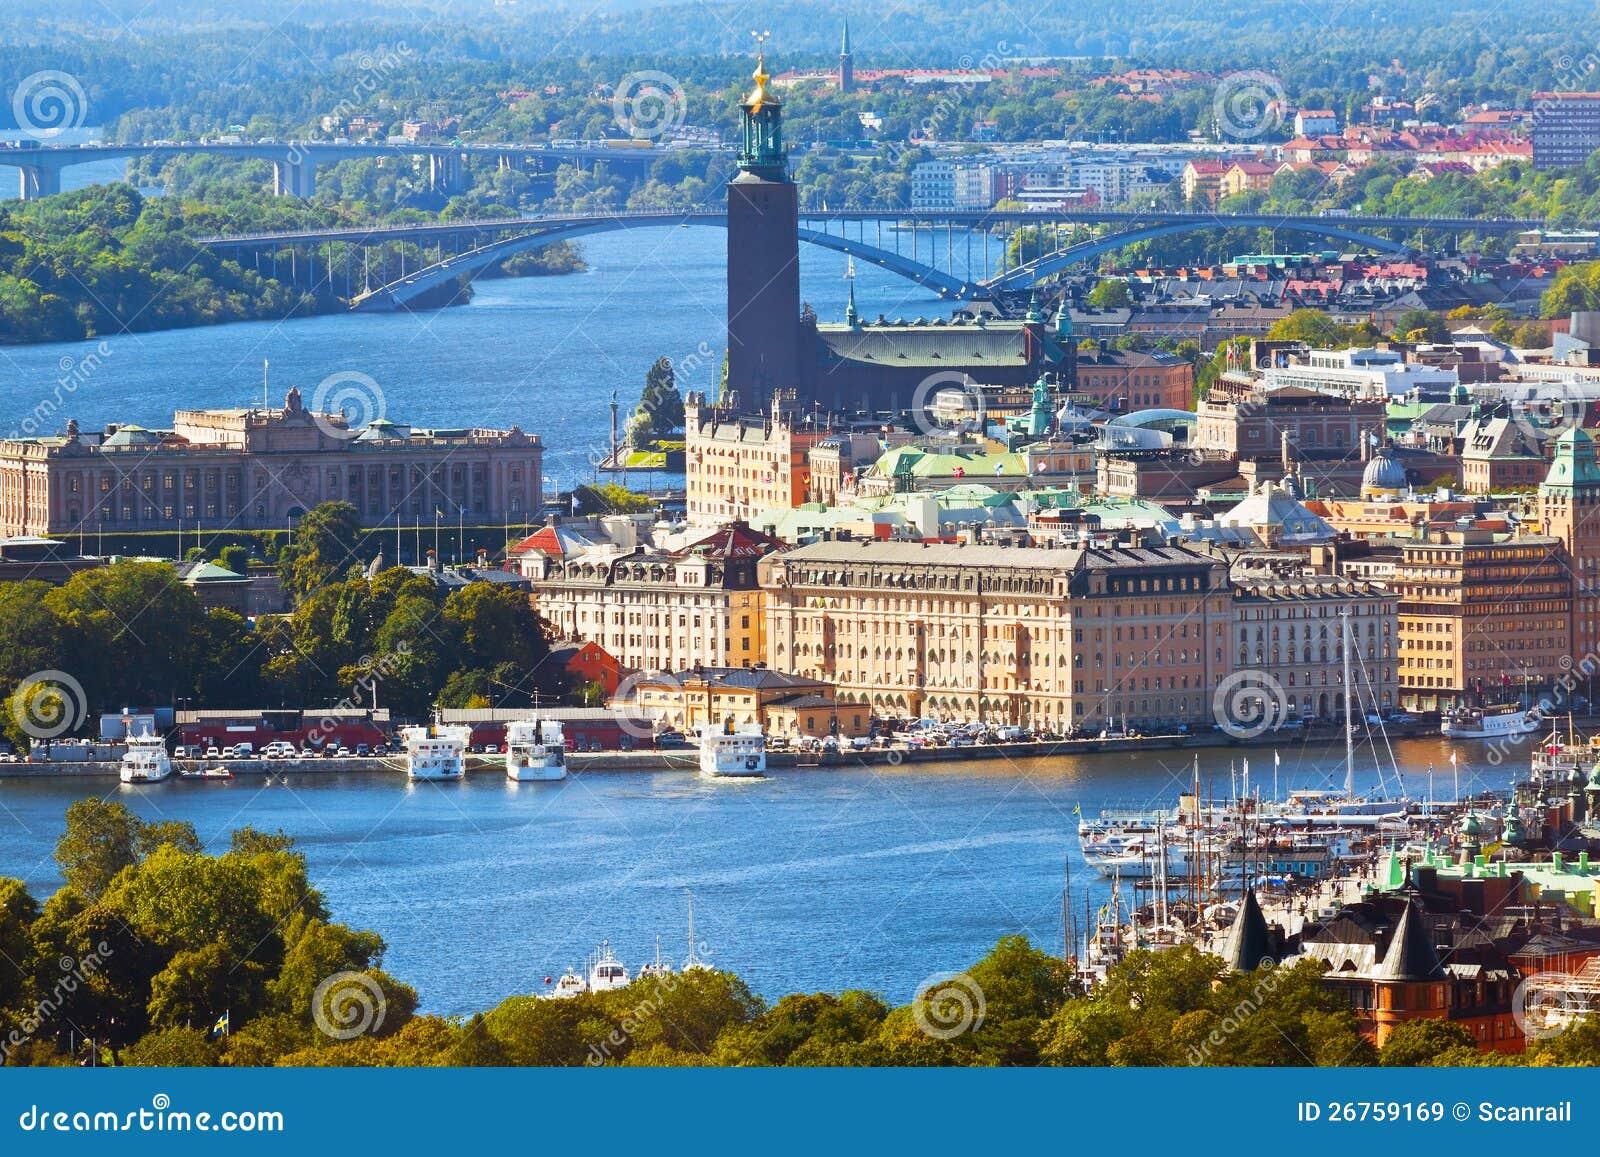 Εναέριο πανόραμα της Στοκχόλμης, Σουηδία